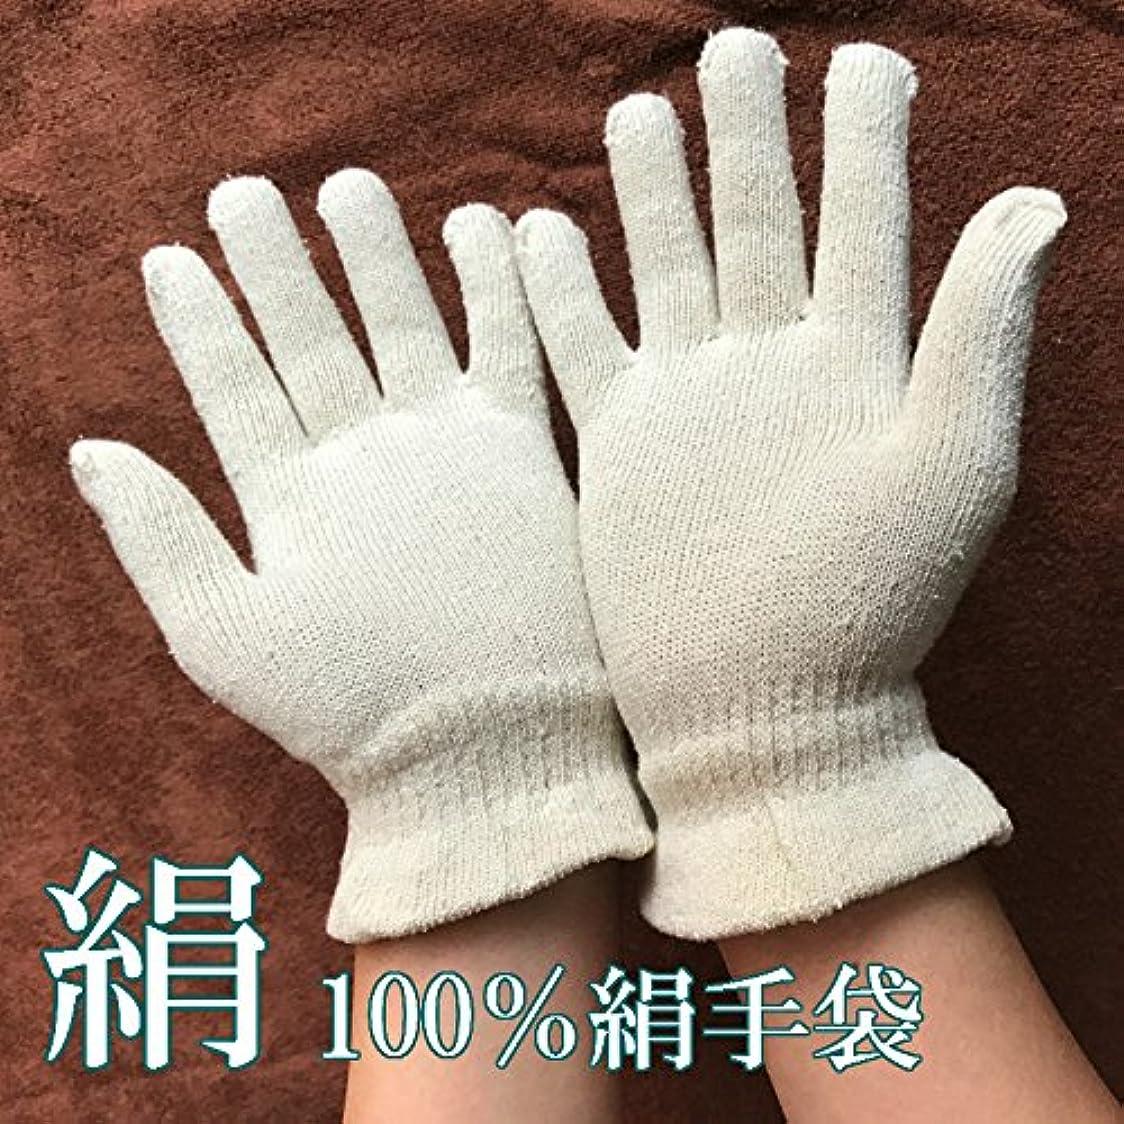 受益者義務づける予見する絹手袋 シルク手袋 ガルシャナ アーユルヴェーダ